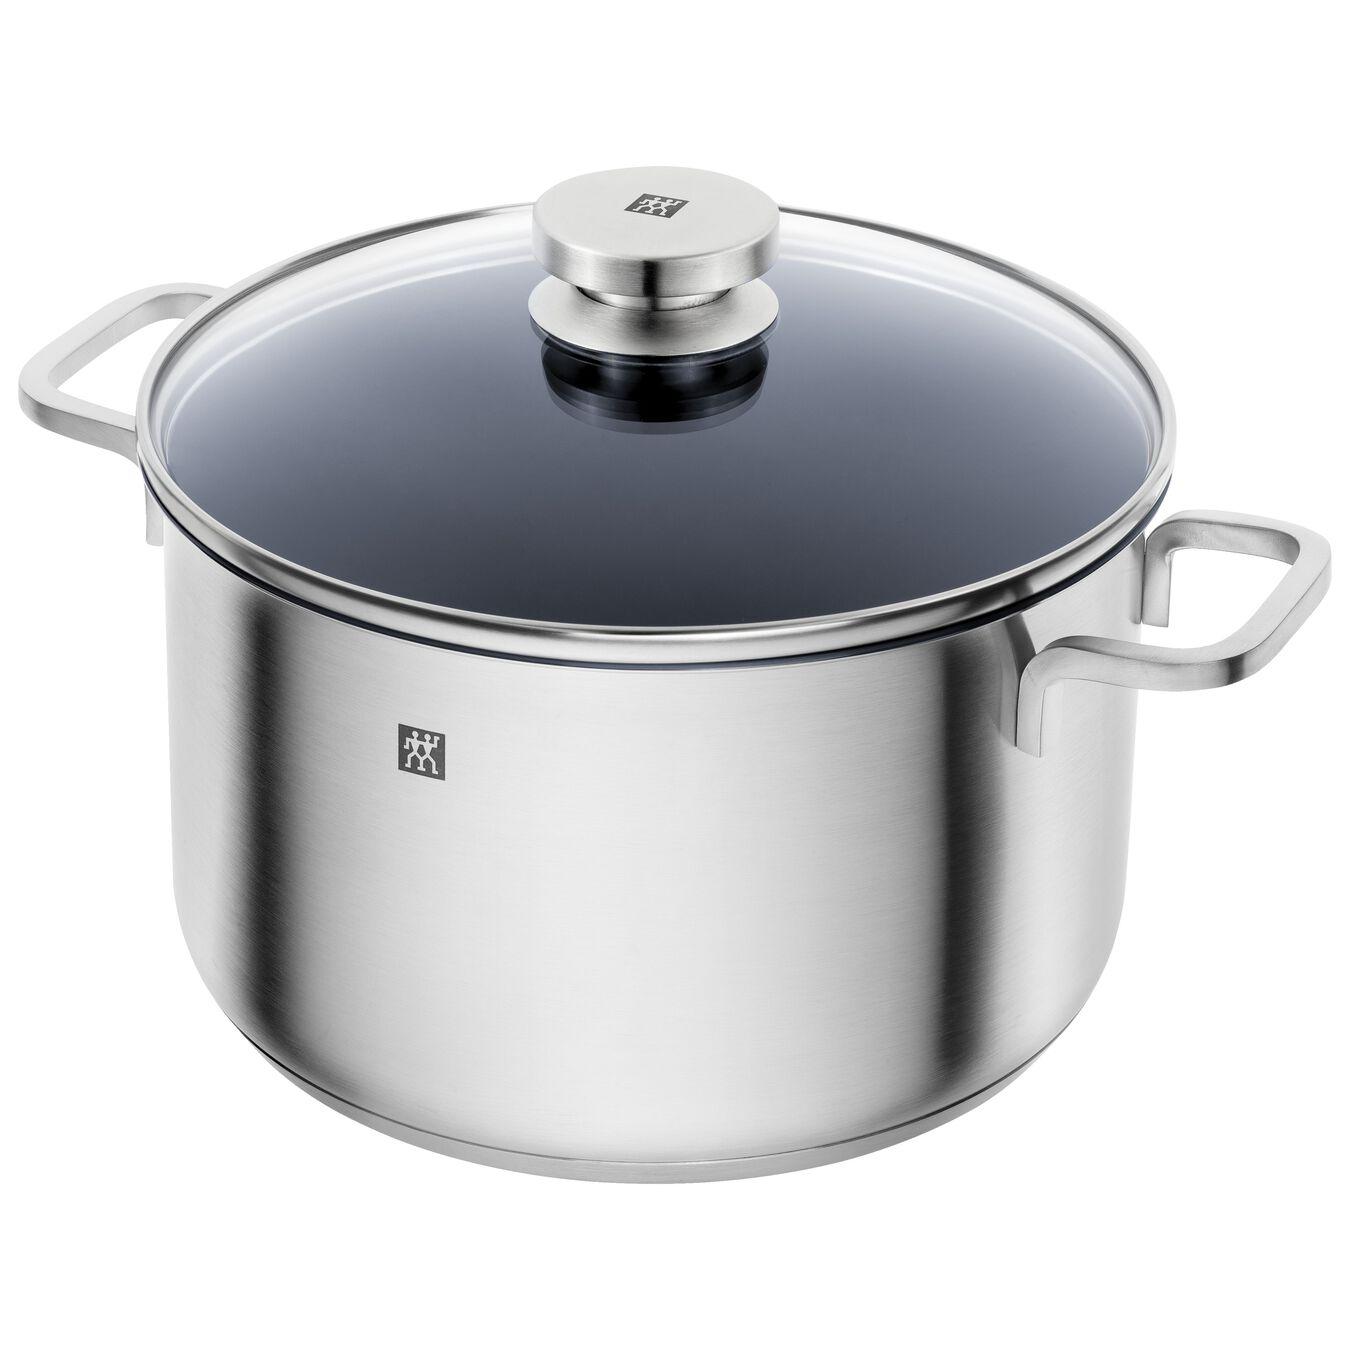 Ensemble de casseroles 3-pcs, Acier inoxydable,,large 12